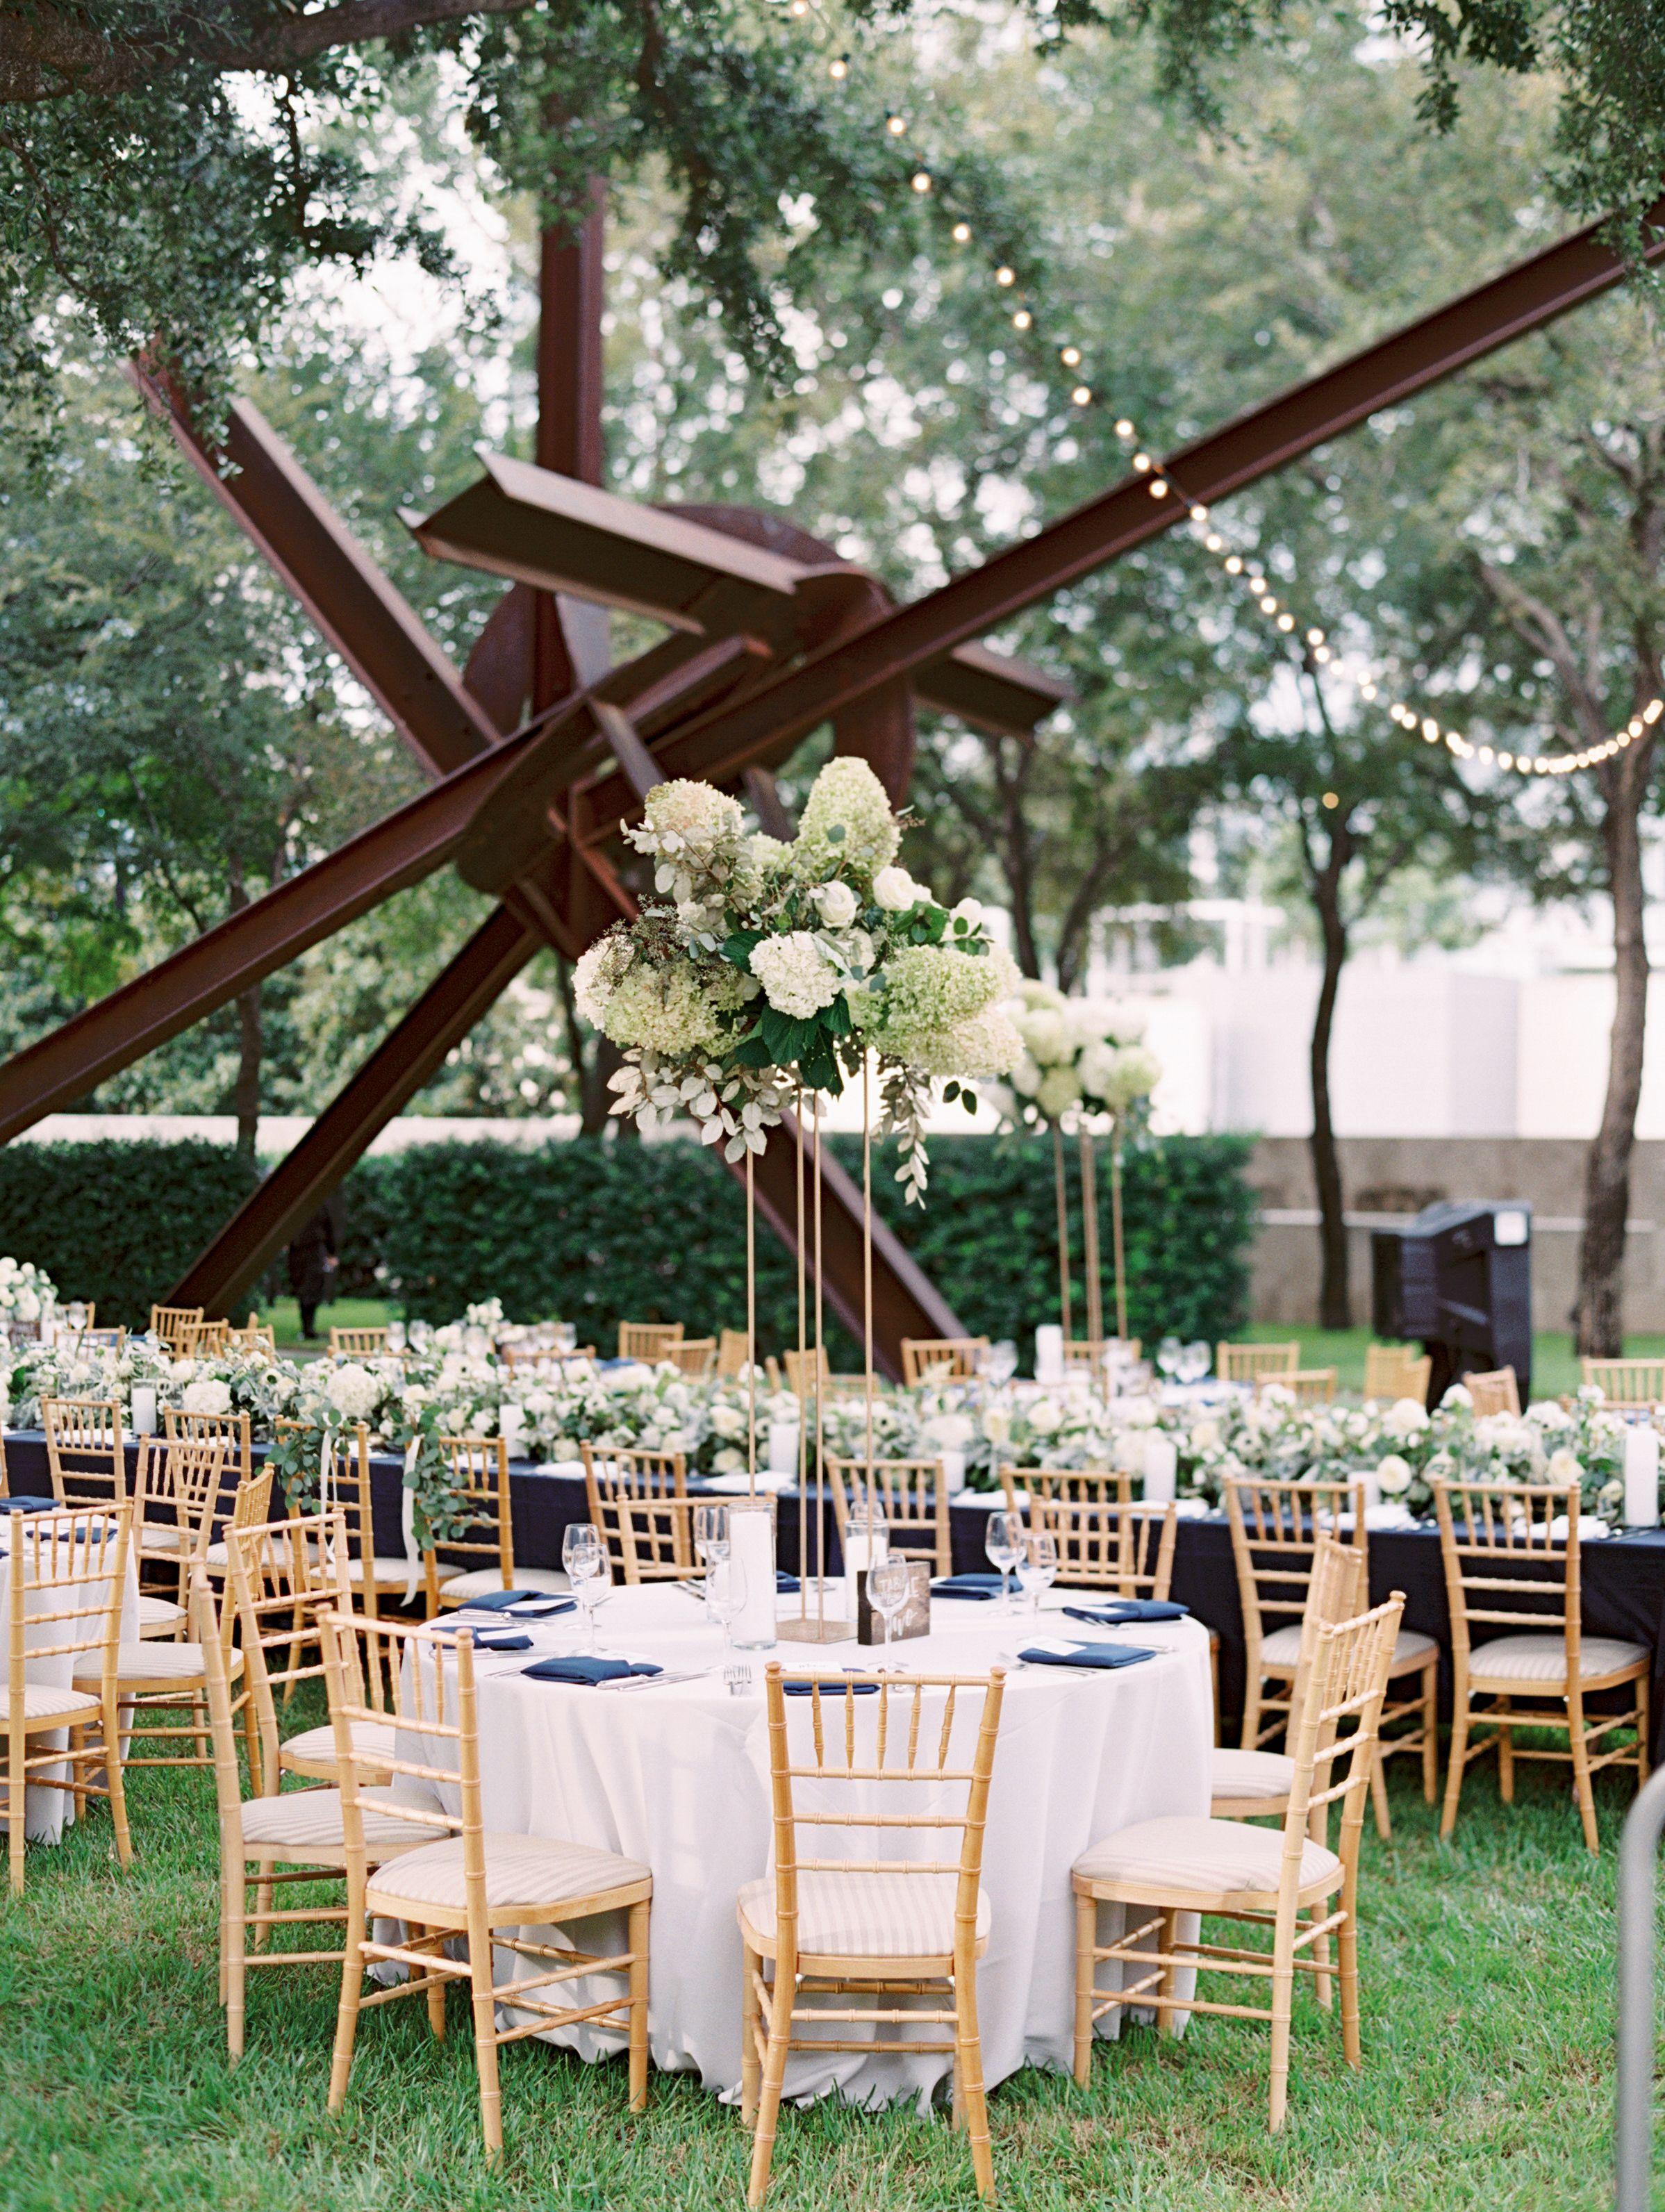 Nasher Sculpture Center In Texas Was The Backdrop For A Modern Garden Wedding Dallas Wedding Venues Wedding Sculpture Modern Garden